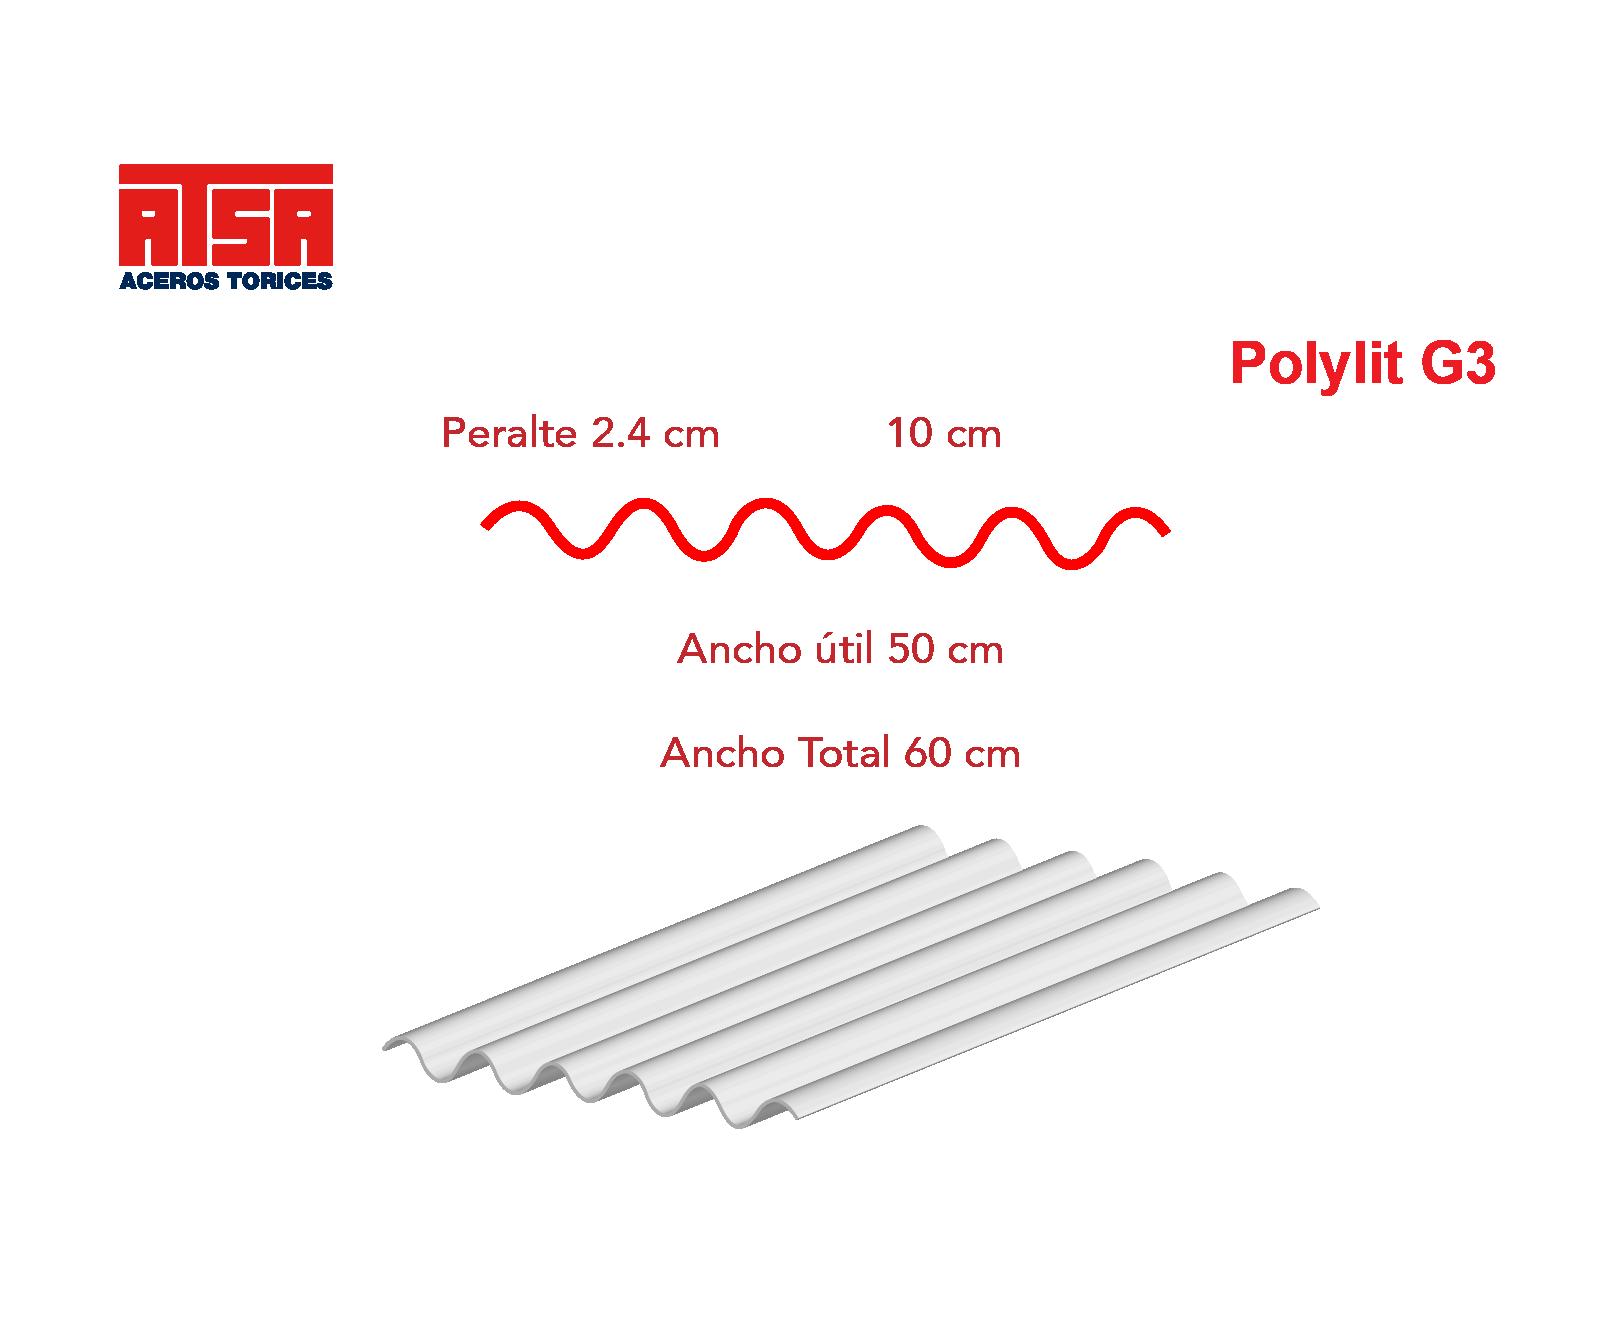 medidas-polylit-g3-4